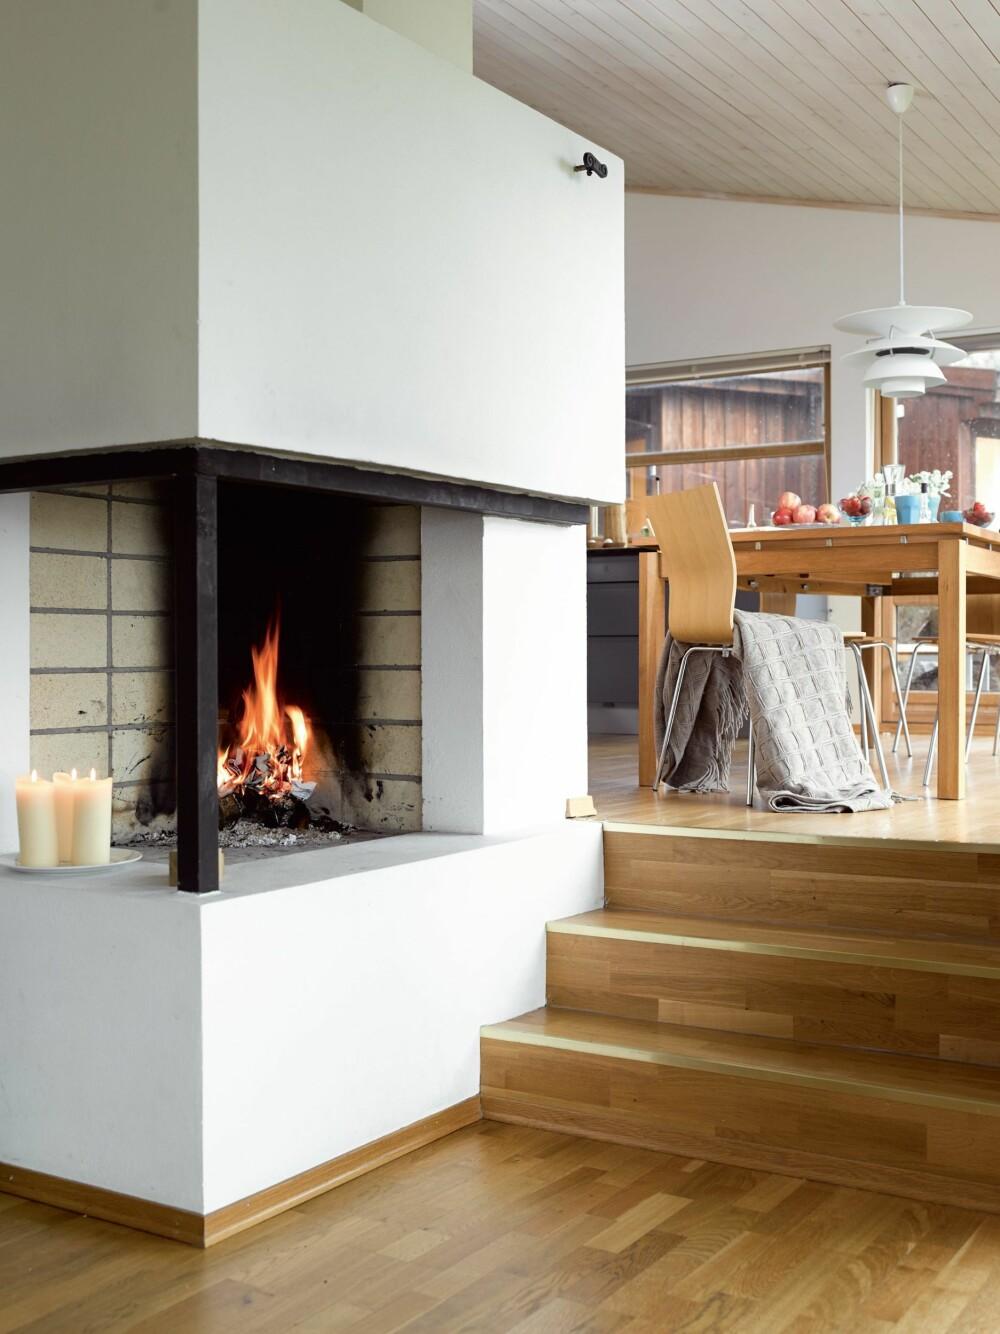 ROMSKILLE: Peisen danner et naturlig skille mellom stue og kjøkken.